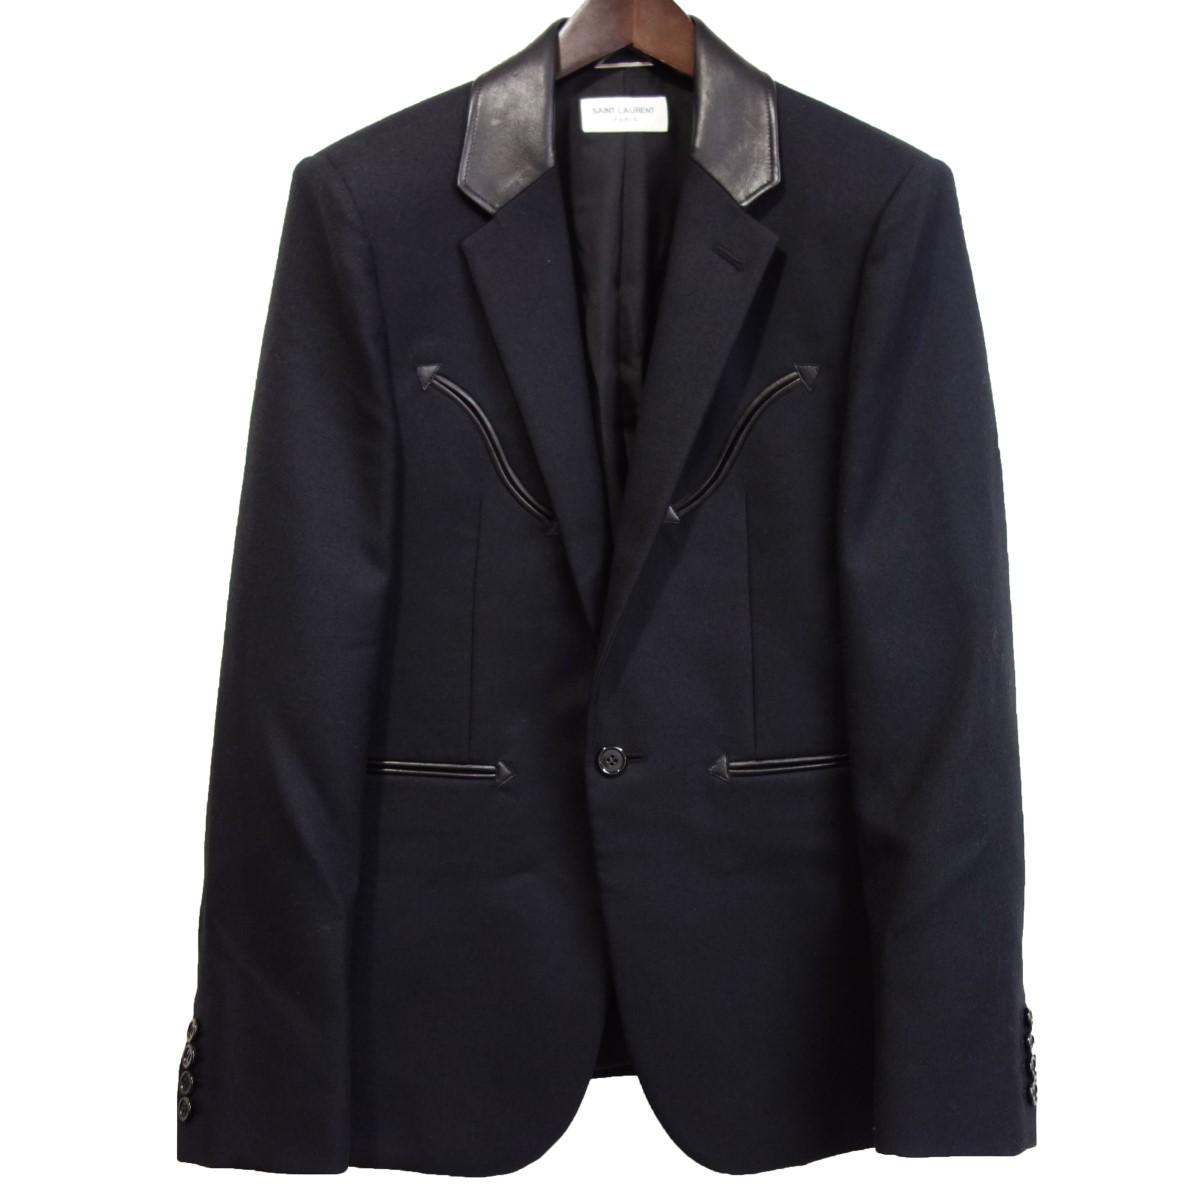 【中古】SAINT LAURENT PARIS 559562 襟レザーパイピング1Bジャケット ブラック サイズ:46 【130420】(サンローランパリ)